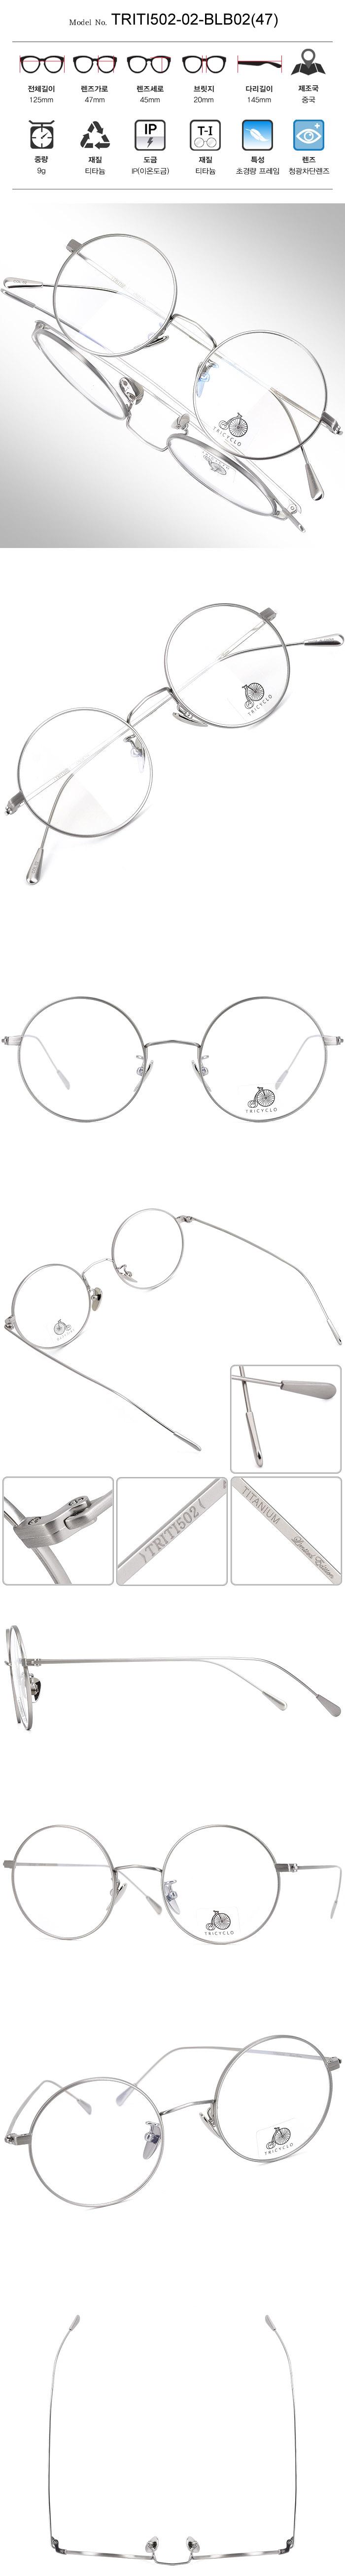 트리시클로 티타늄 청광차단 안경테 TRITI502-02-BLB02(47)